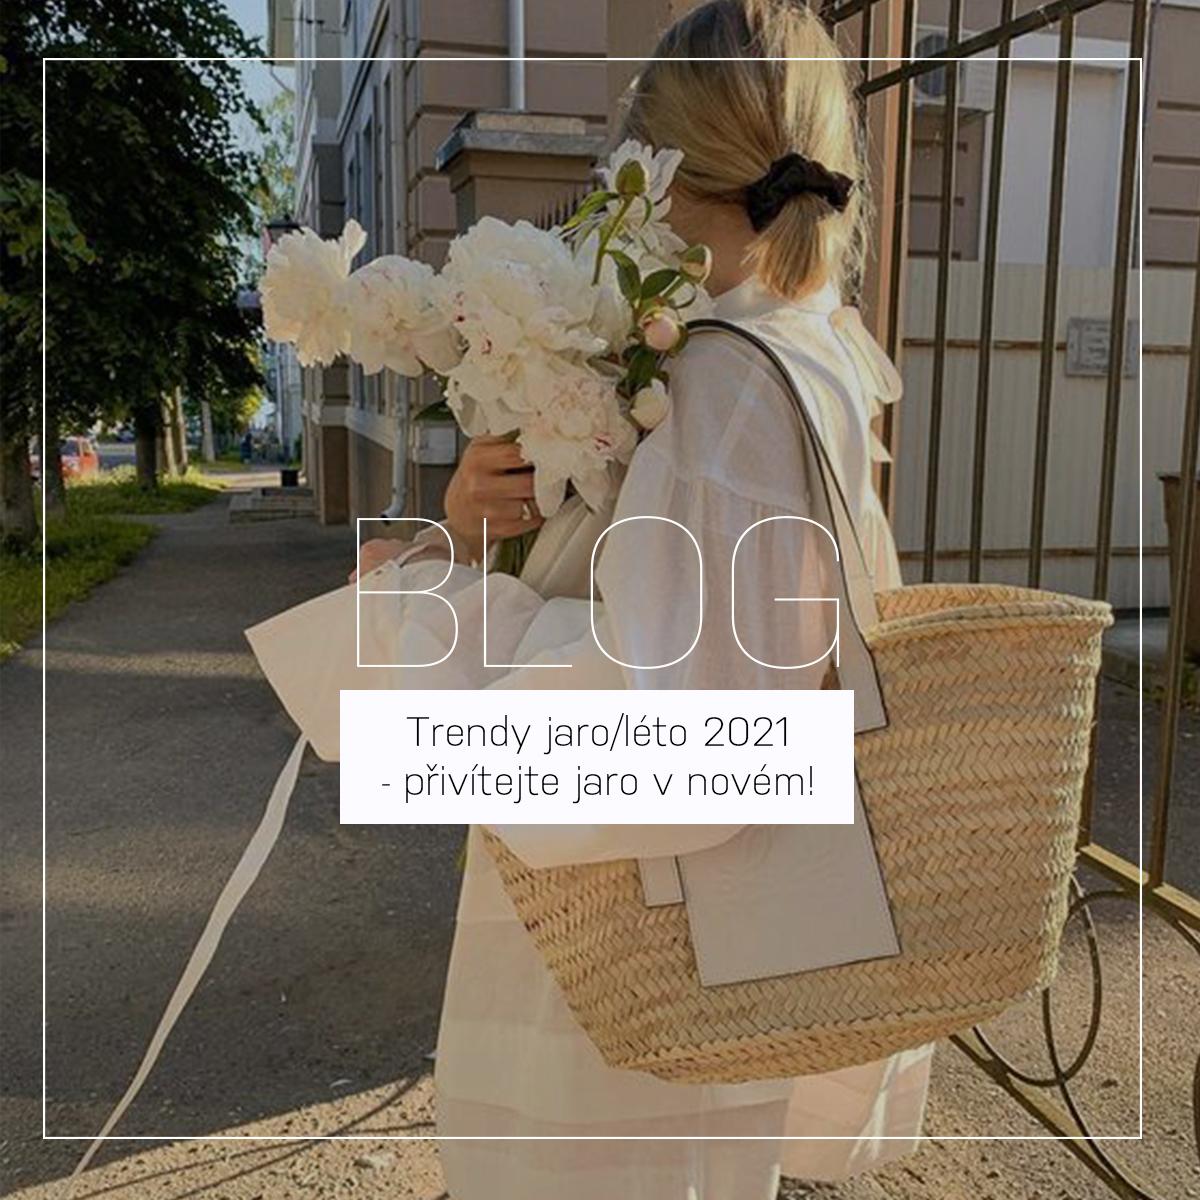 Trendy jaro/léto 2021 - přivítejte jaro v novém!